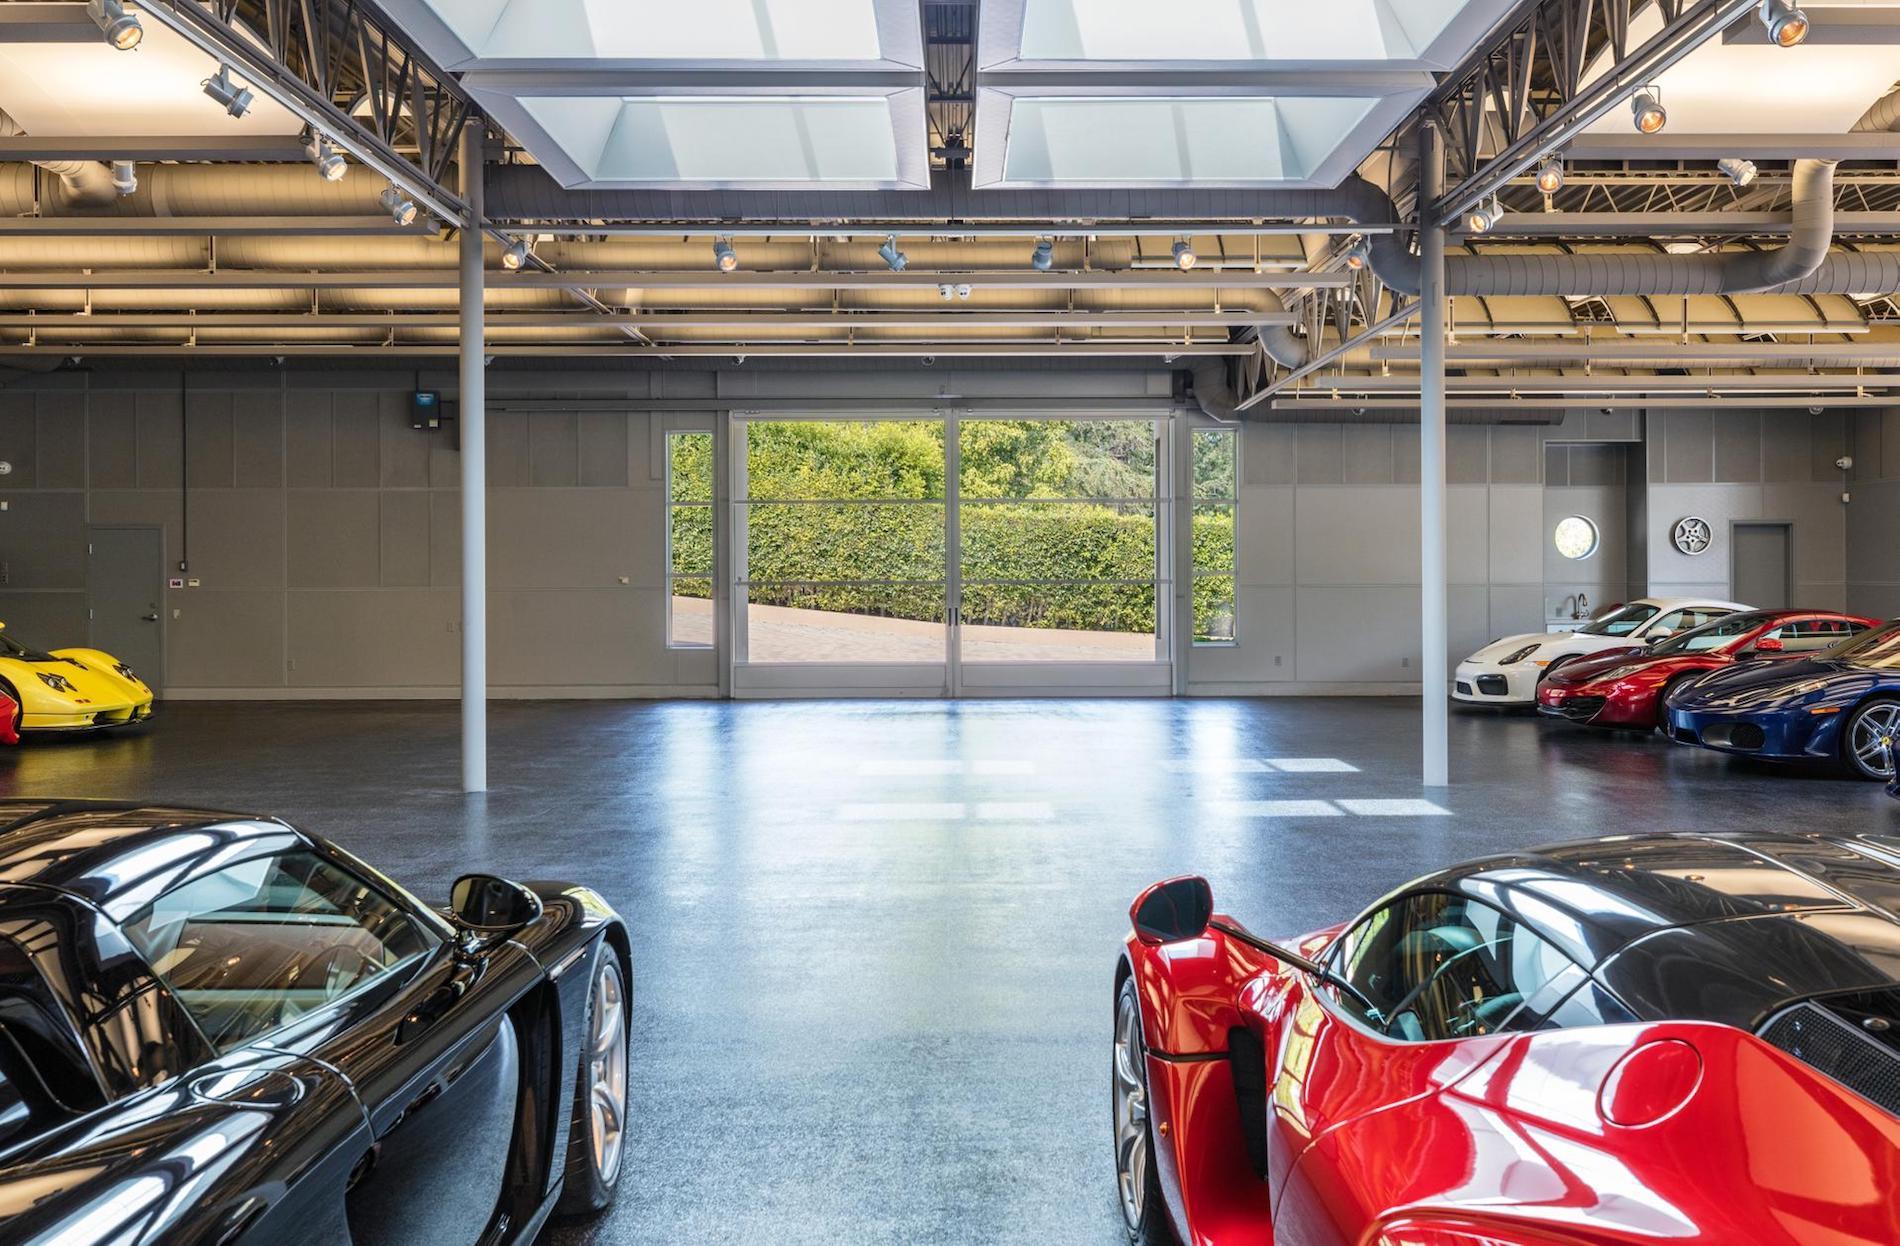 Eine Garage für $10 Millionen Dollar: Das private Automuseum in Malibu wird verkauft 8